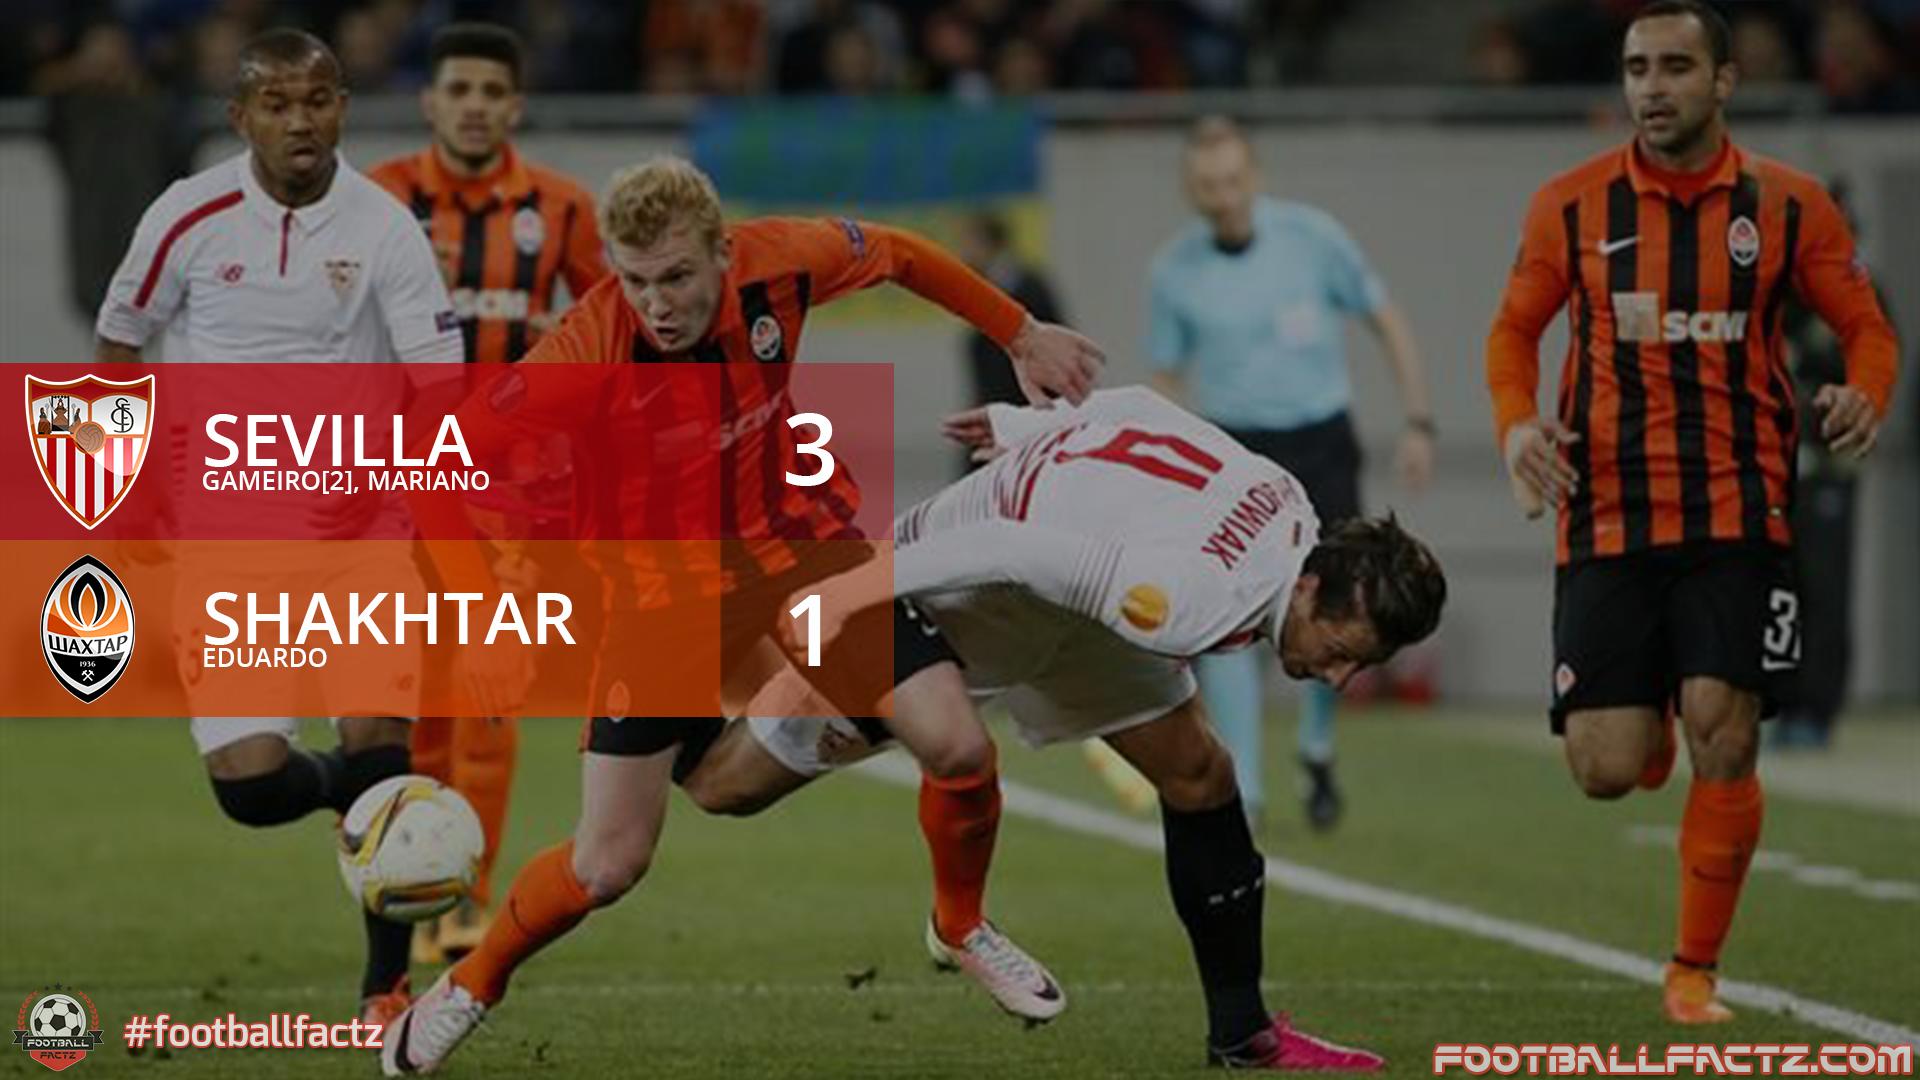 Sevilla 3 - 1 Shakhtar, Europa League